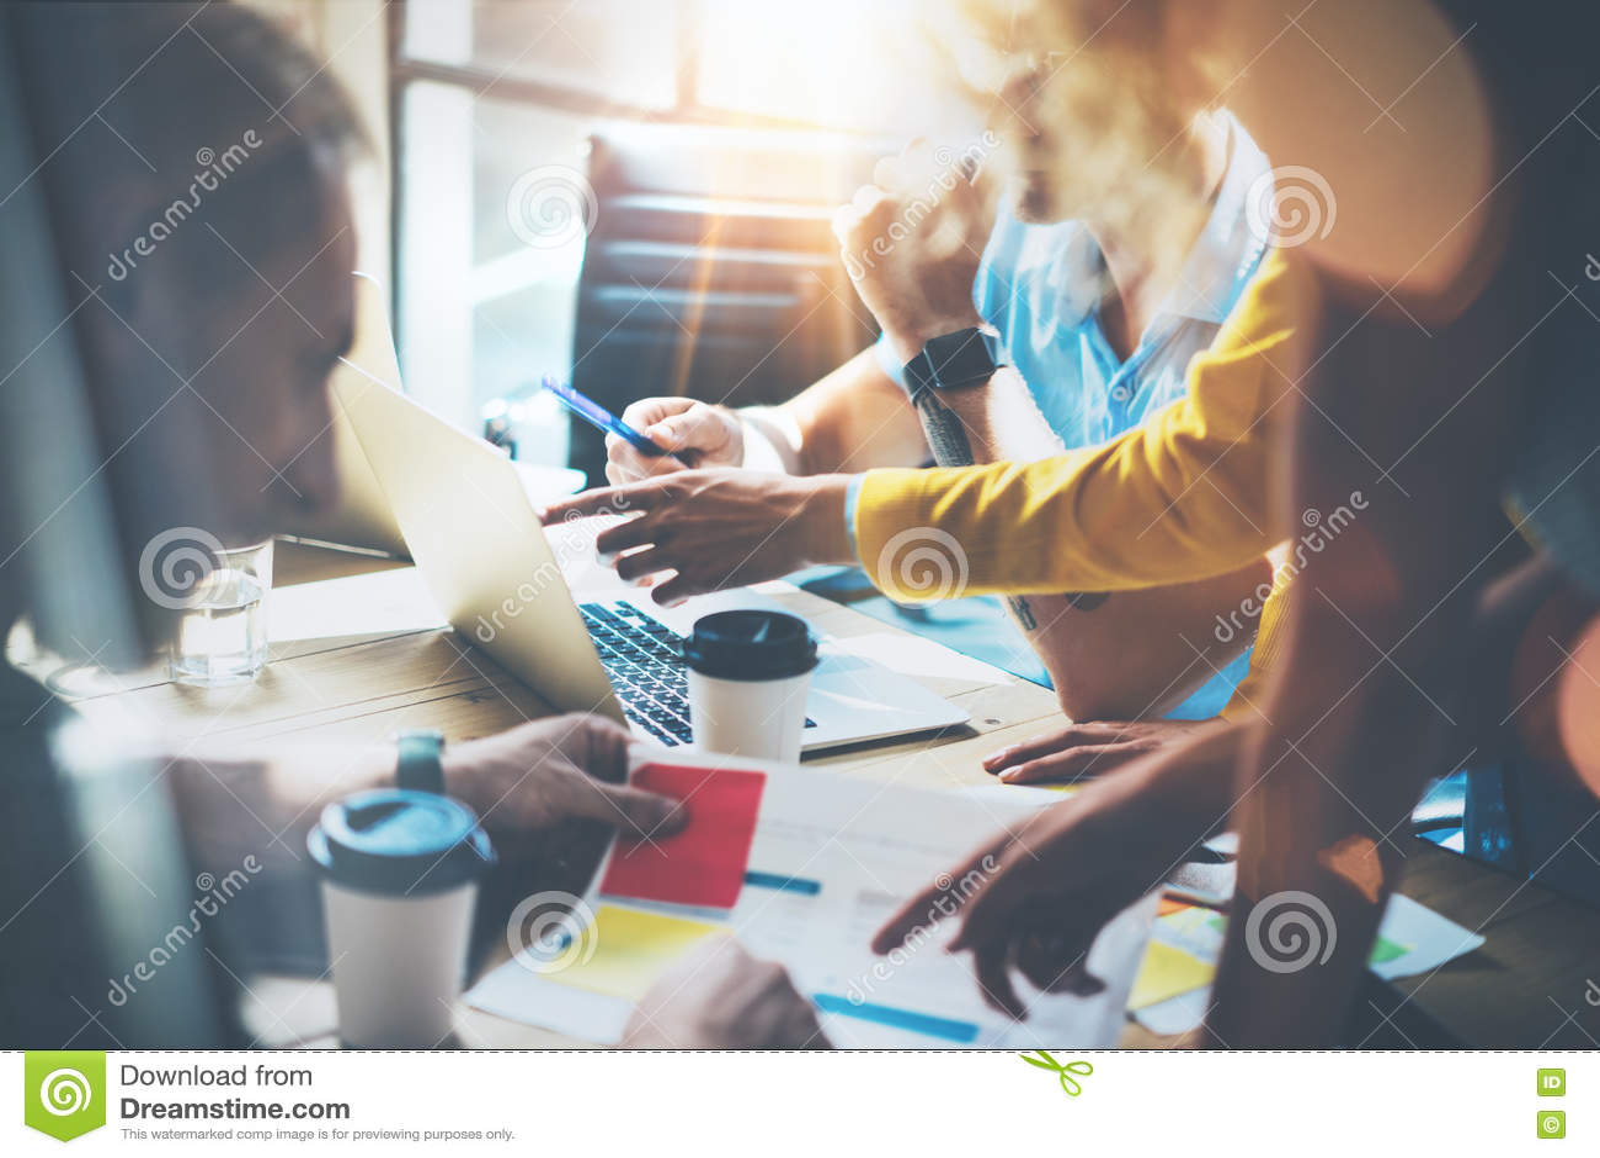 Молодые сотрудники группы делая большие деловые решения Студия концепции работы обсуждения команды маркетинга корпоративная ново